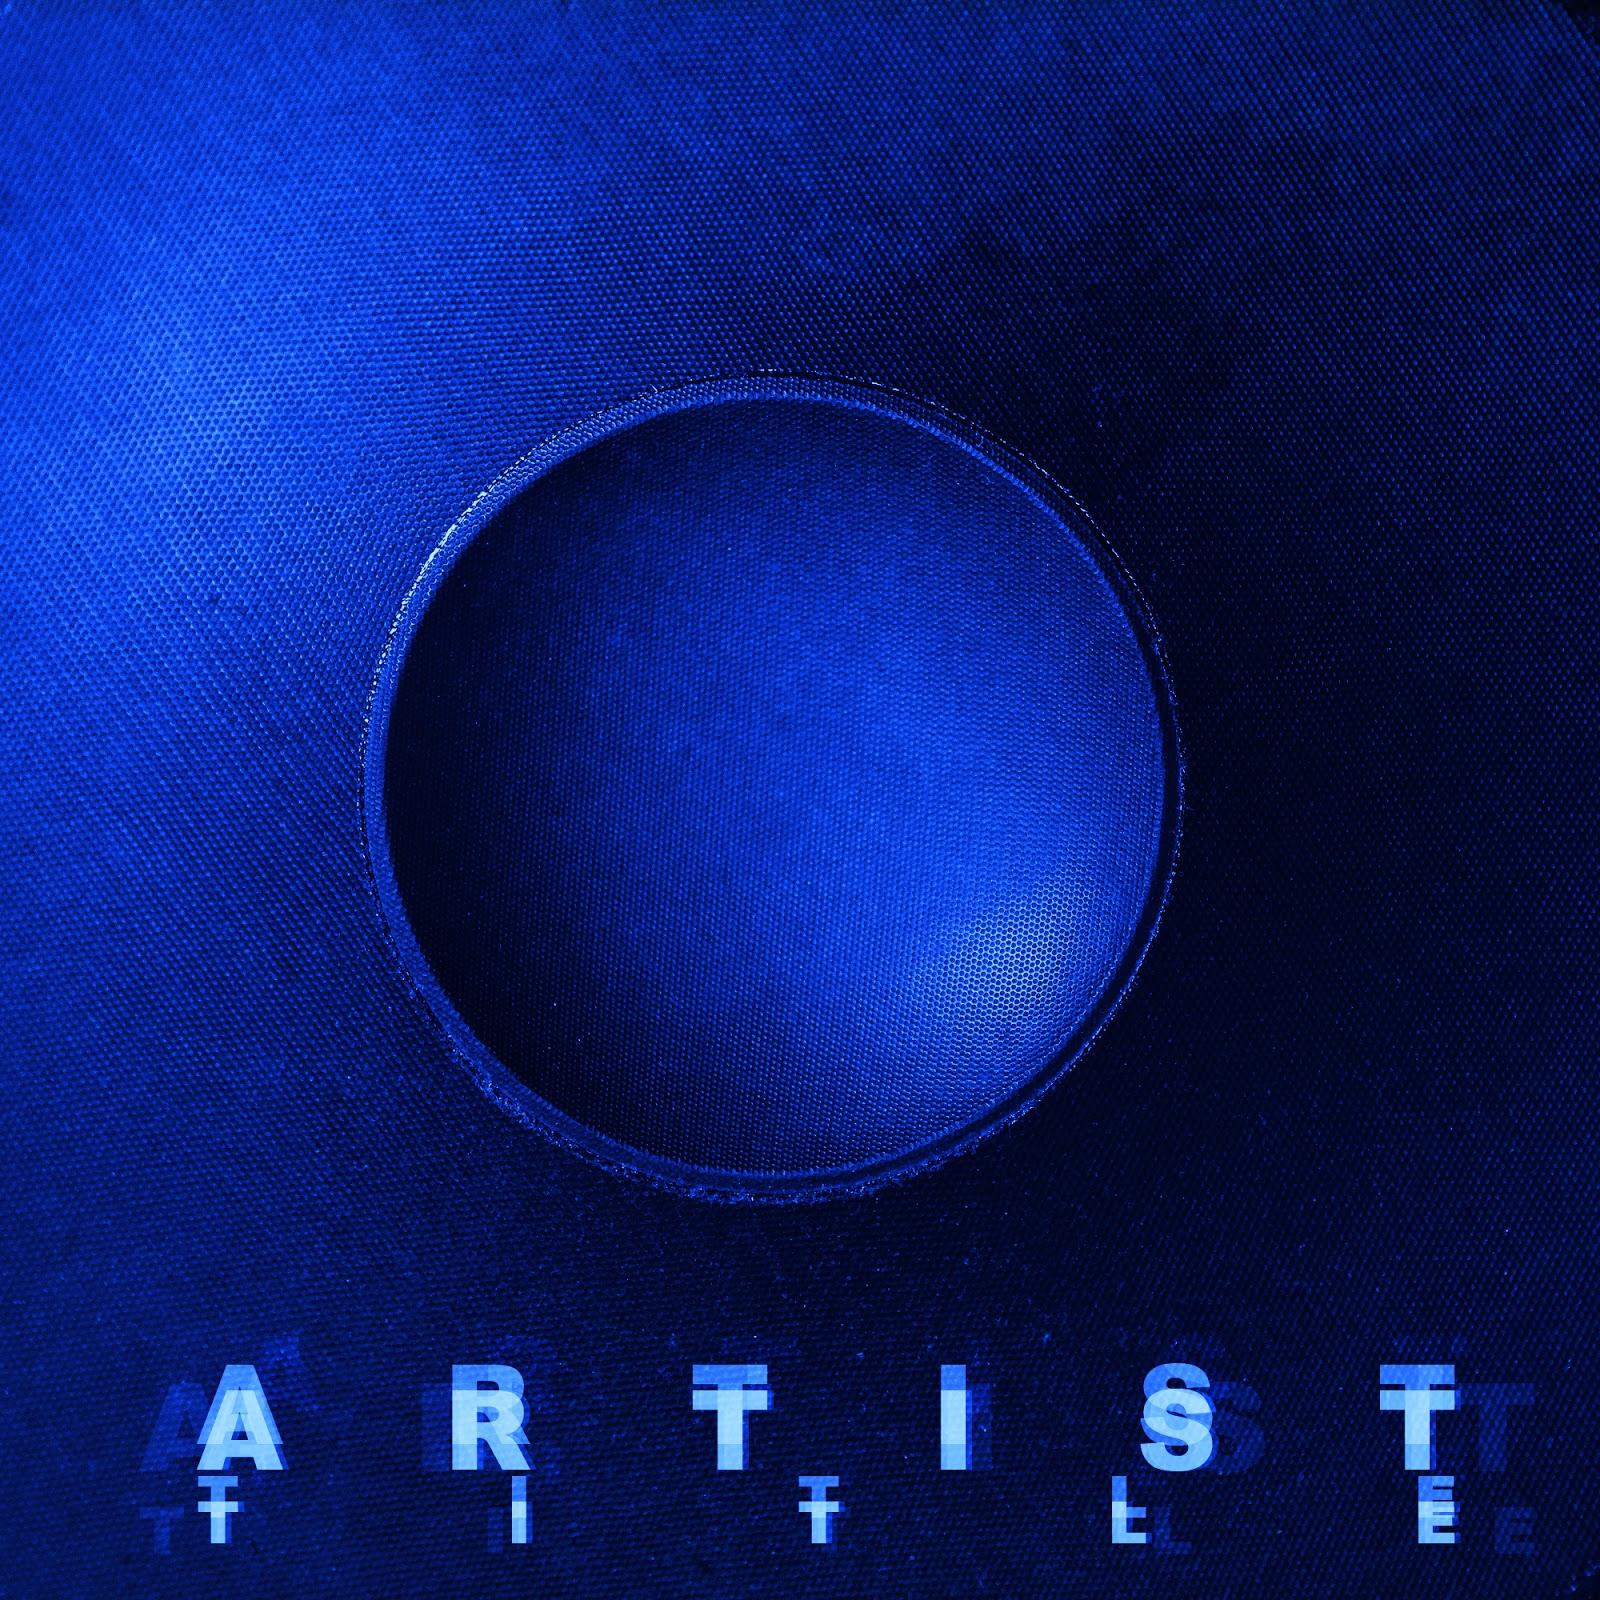 music single  album  mixtape  cd cover artwork graphic design